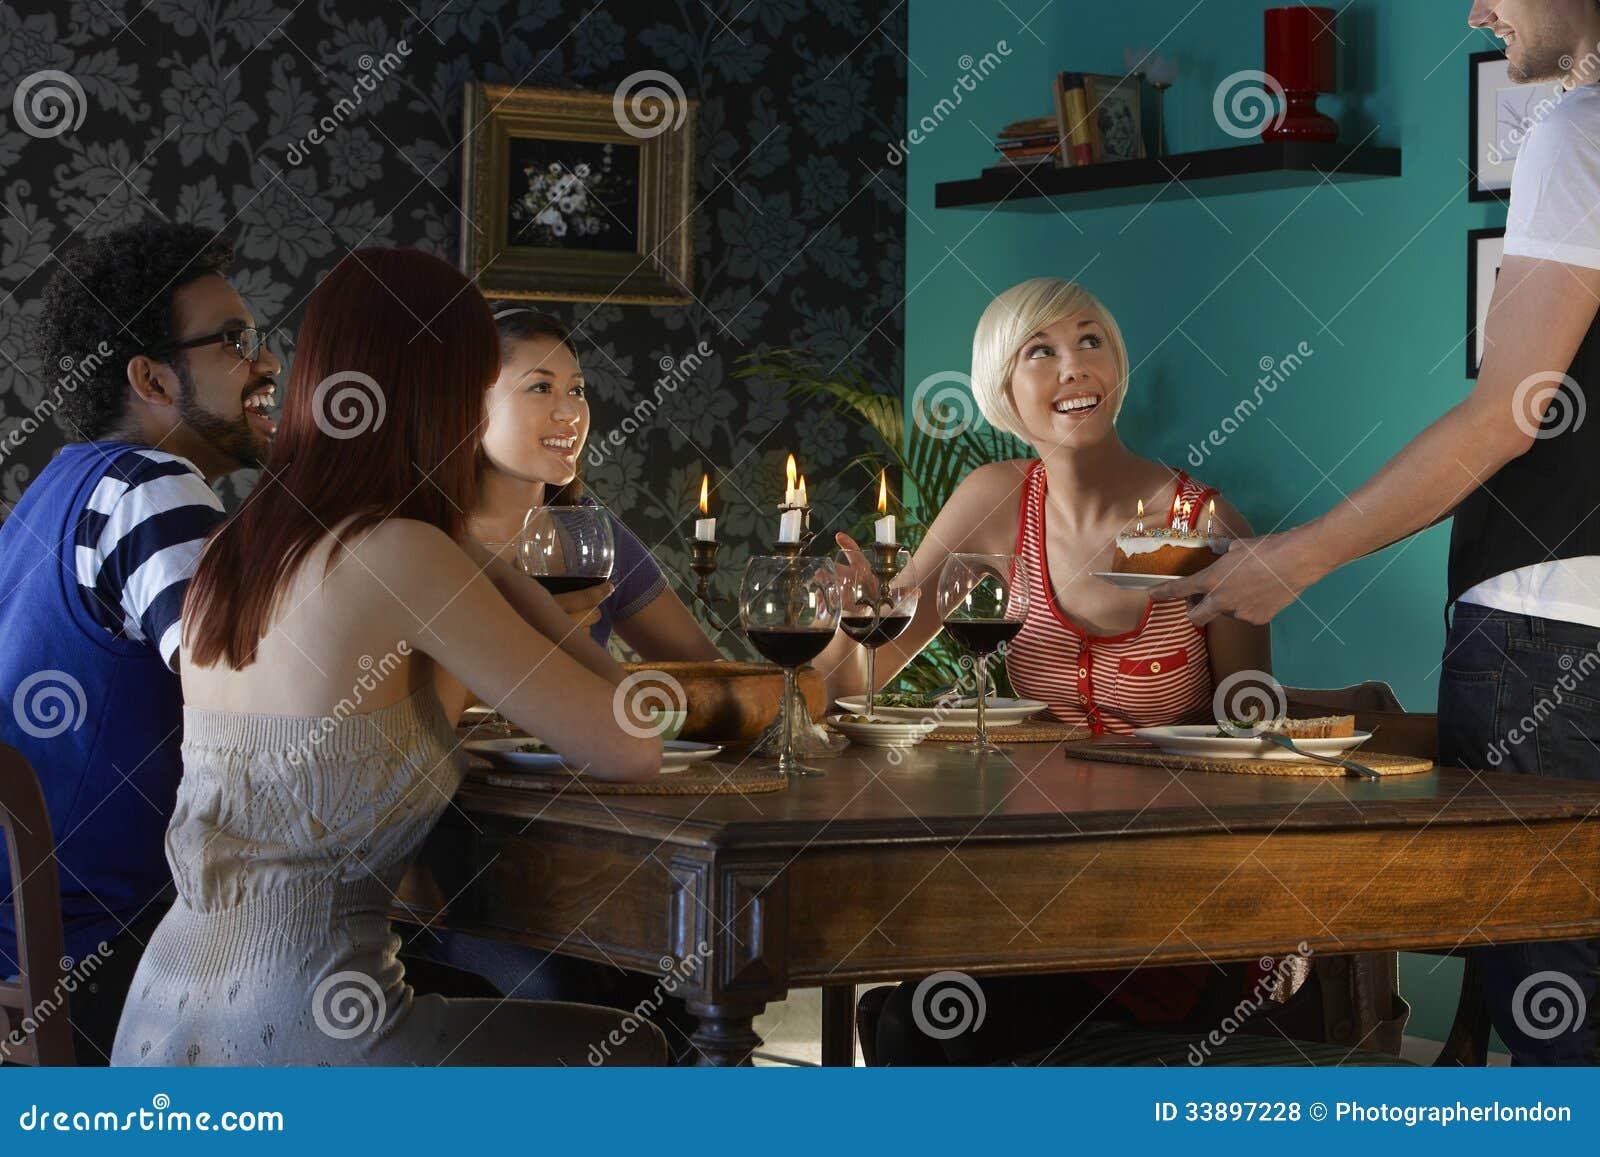 Tavolo Compleanno Uomo : Torta di compleanno del servizio dell uomo agli amici al tavolo da